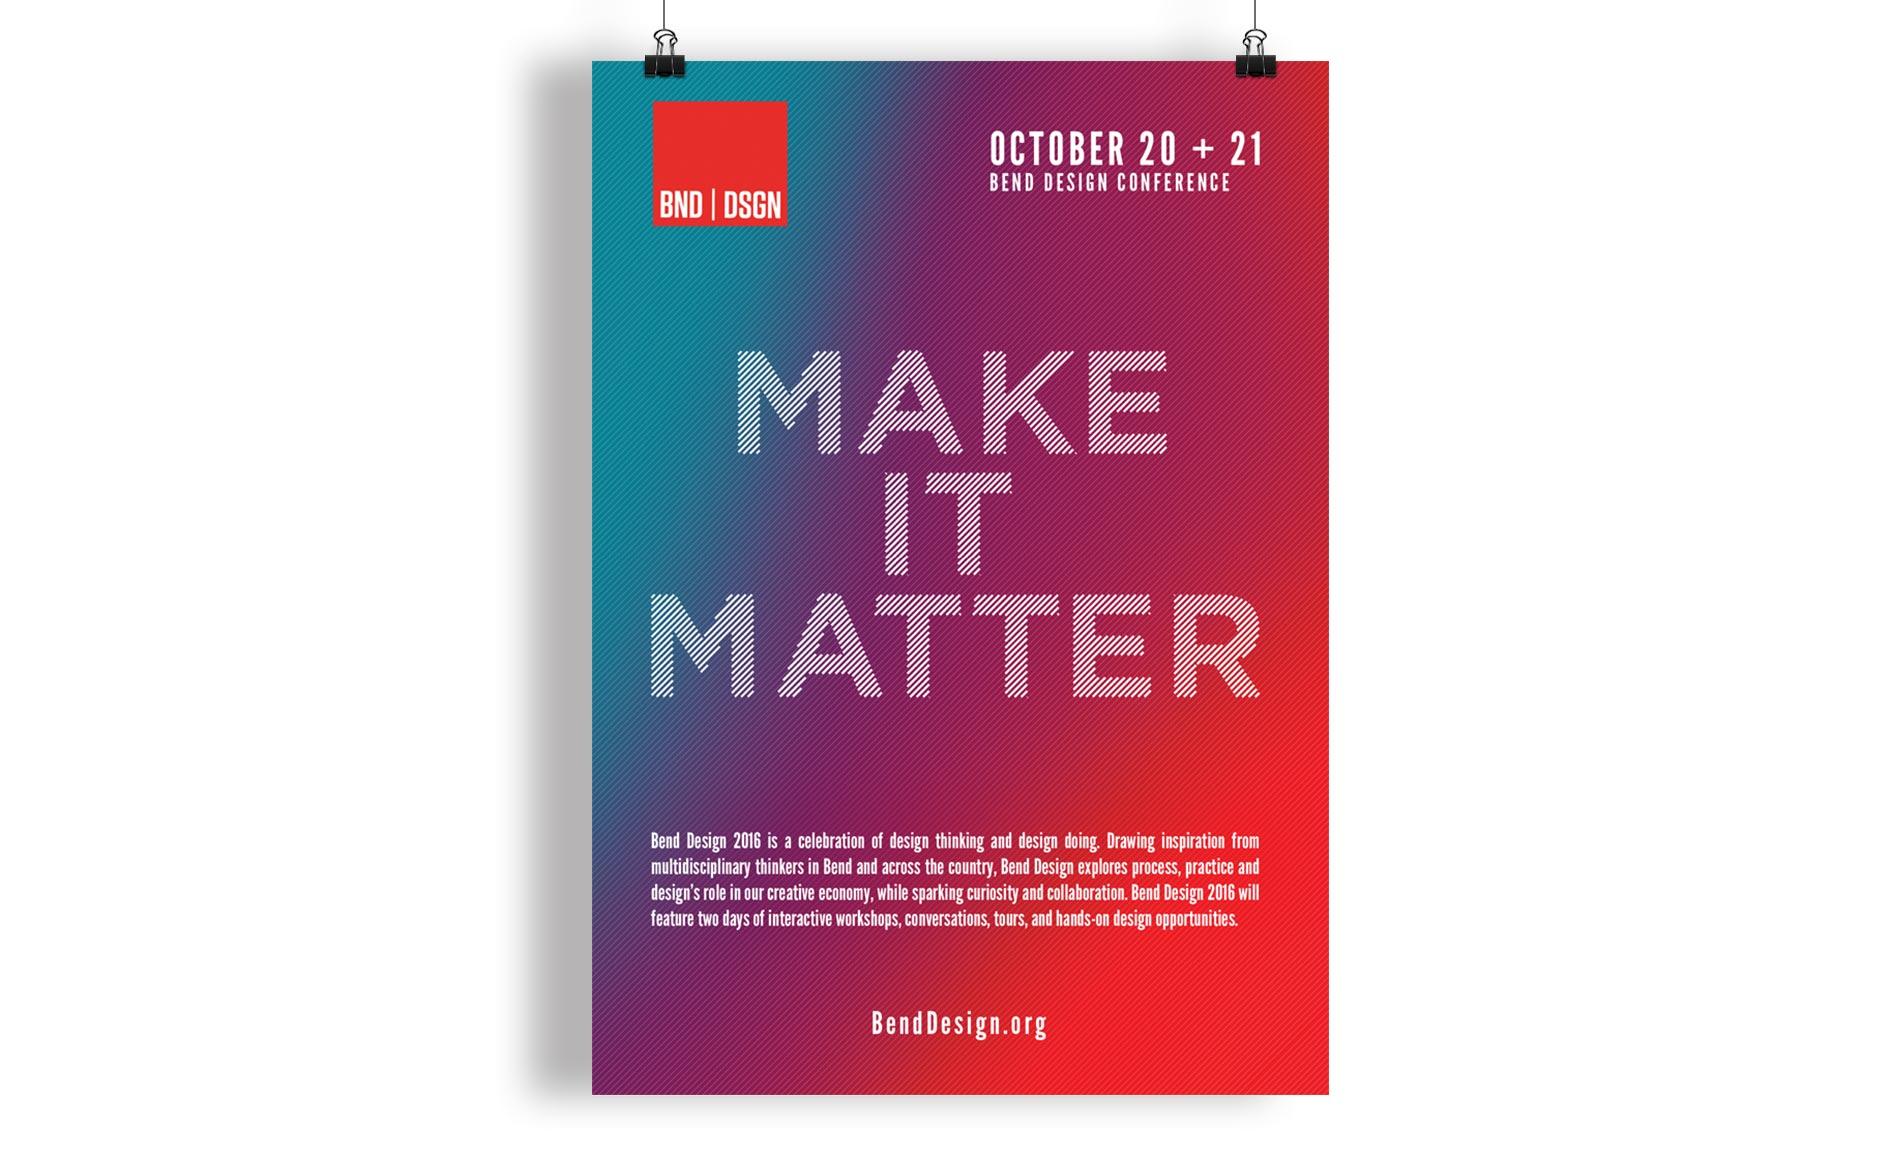 Bend Design Conference - Poster Design